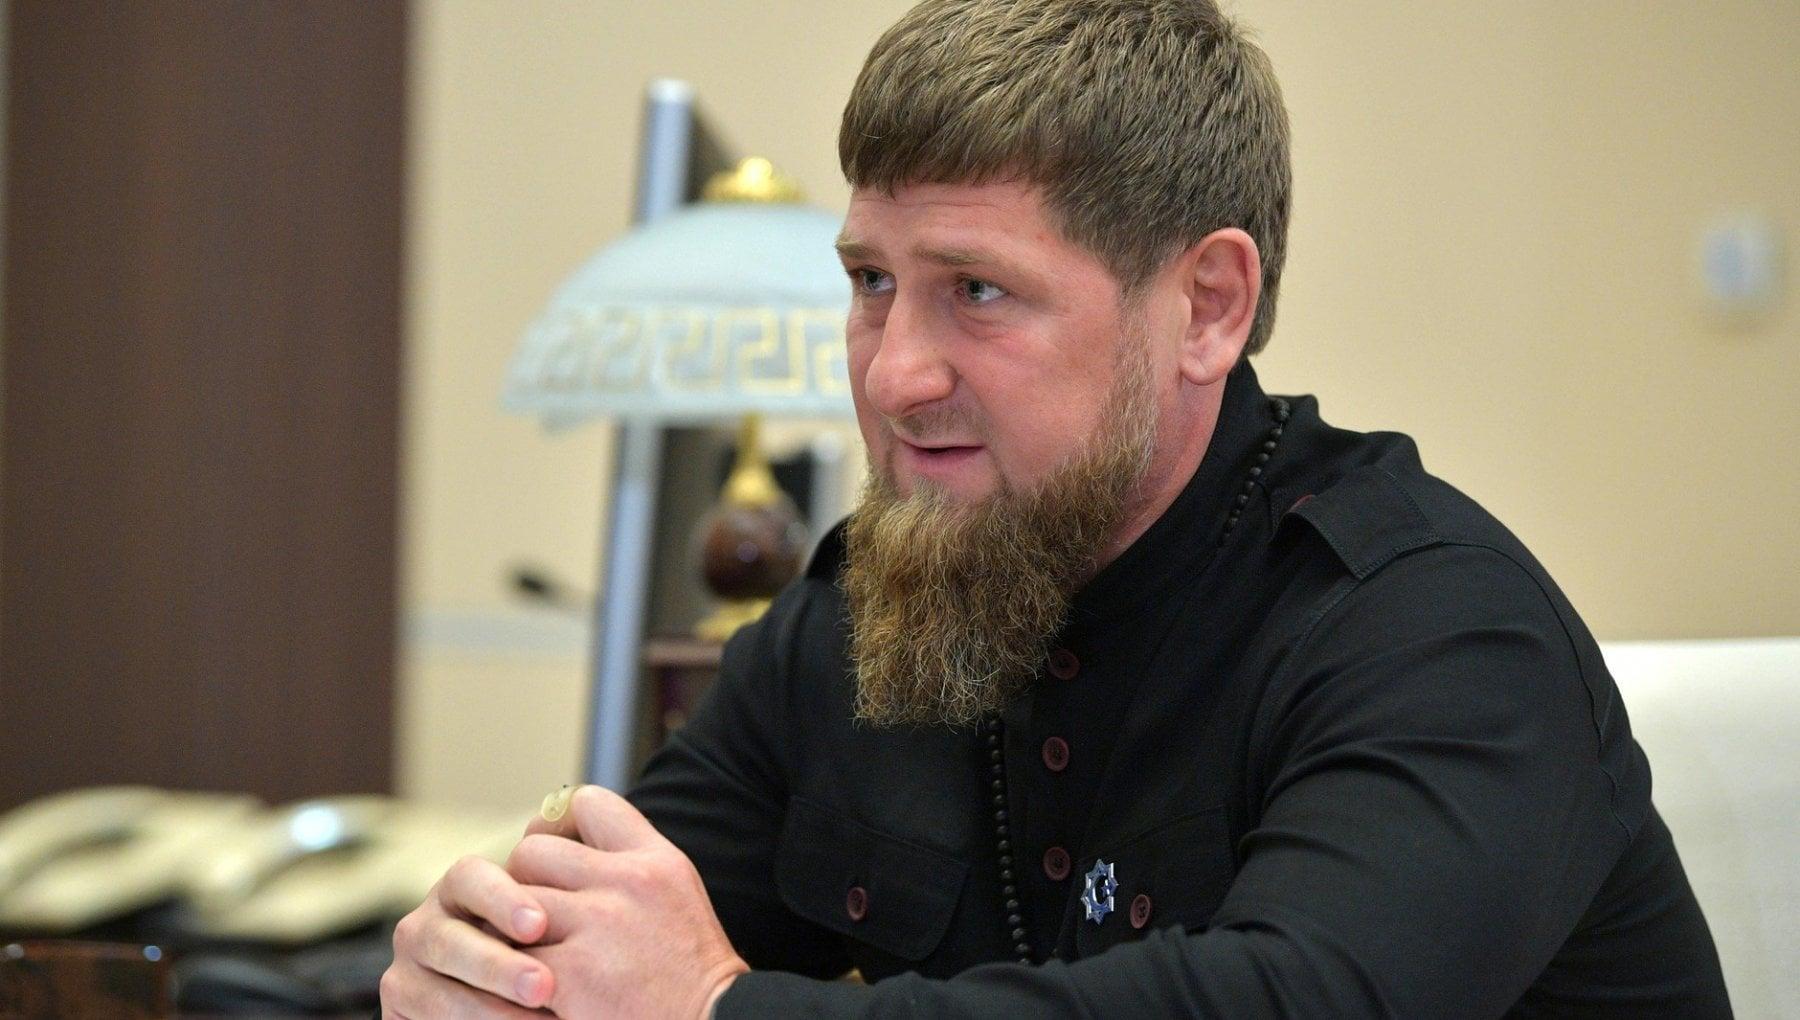 135245115 087b314b 31a2 4828 a49b aadf71cd46d7 - Cecenia, la ricetta di Kadyrov contro i No-vax: non ammessi in moschea e in coda per le cure